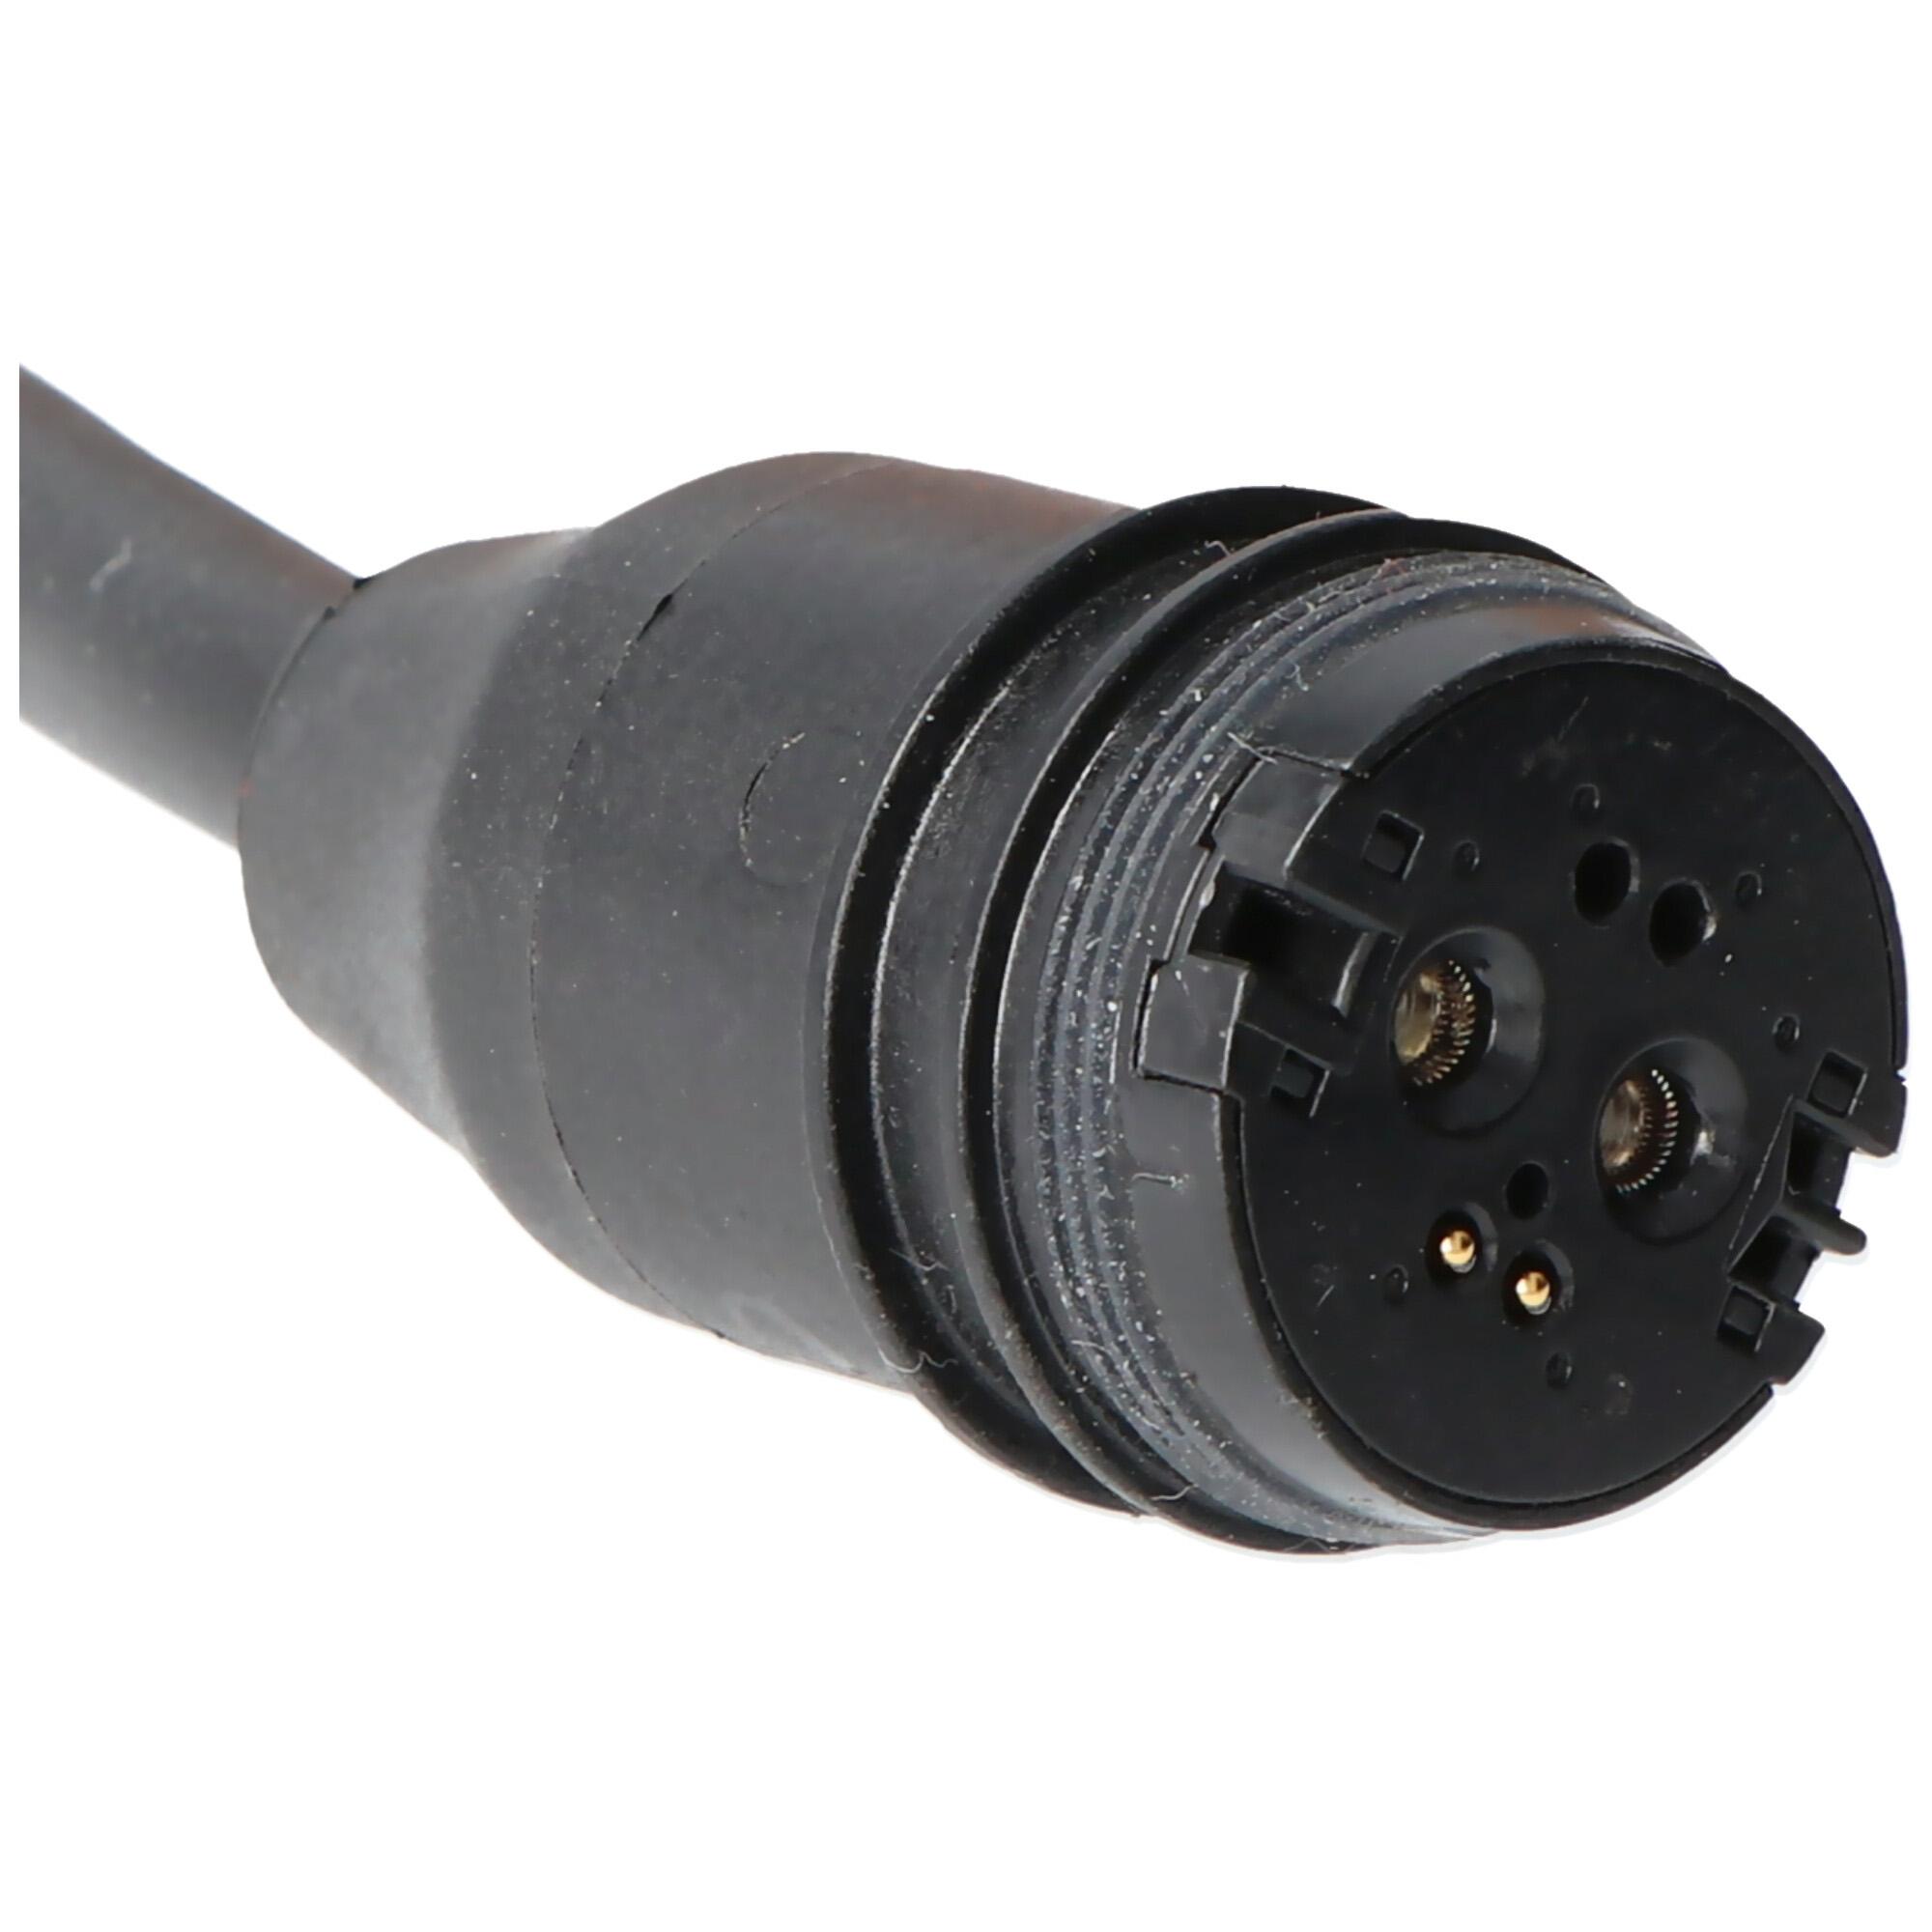 5A Schnell Ladegerät passend für den 36V, 42V Akku mit